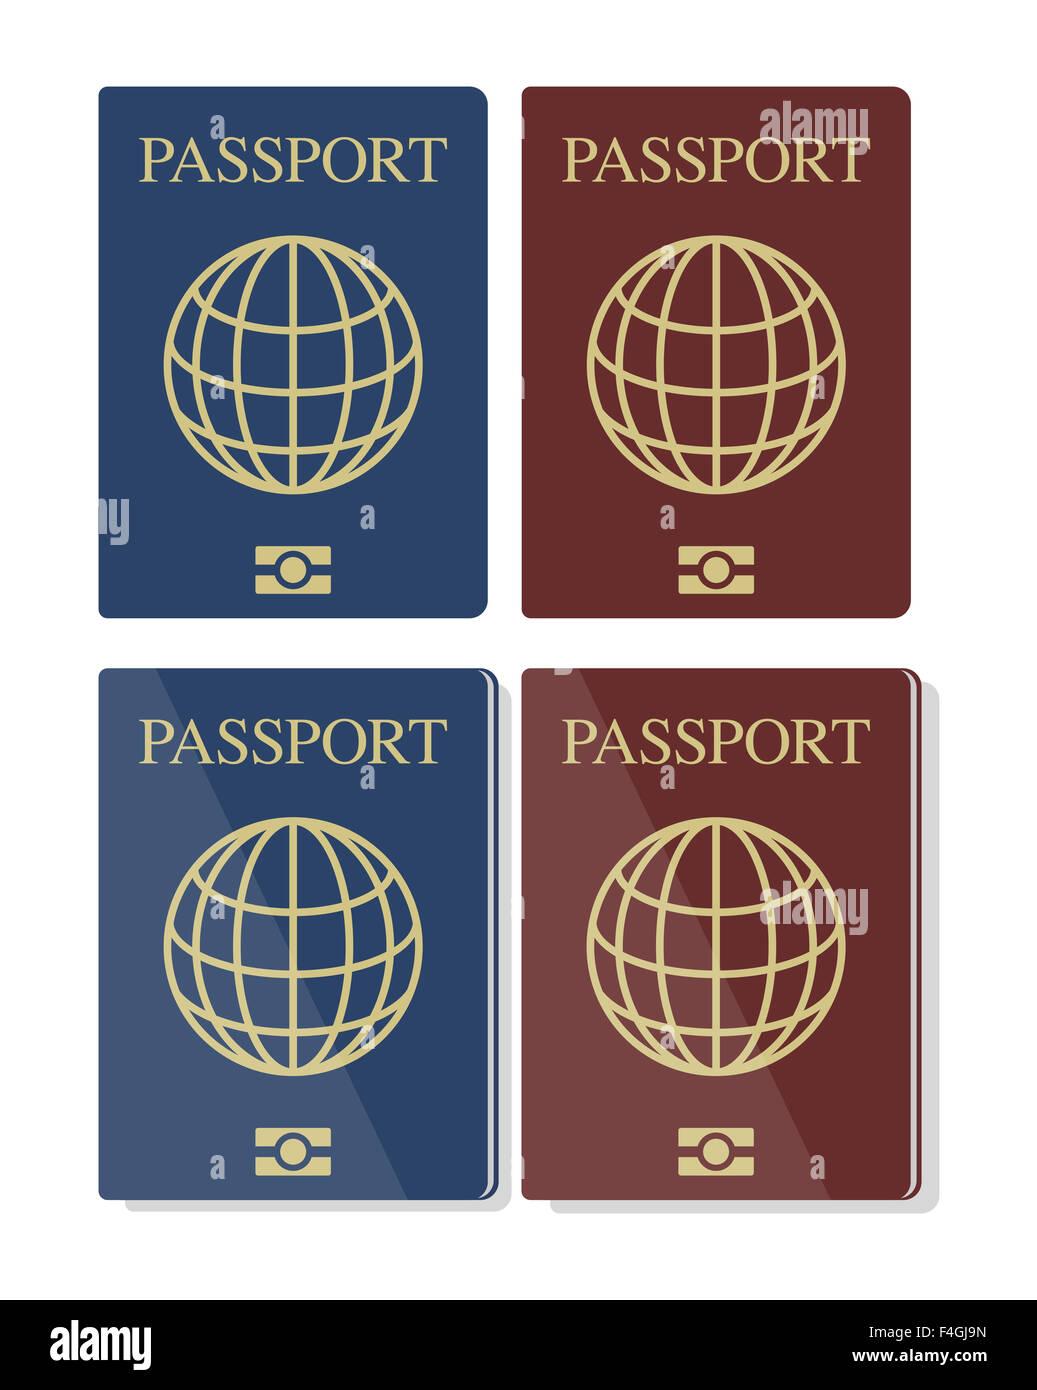 Set di vettore del blu e del rosso di passaporti biometrici con globo, eps10, isolati su sfondo bianco Immagini Stock